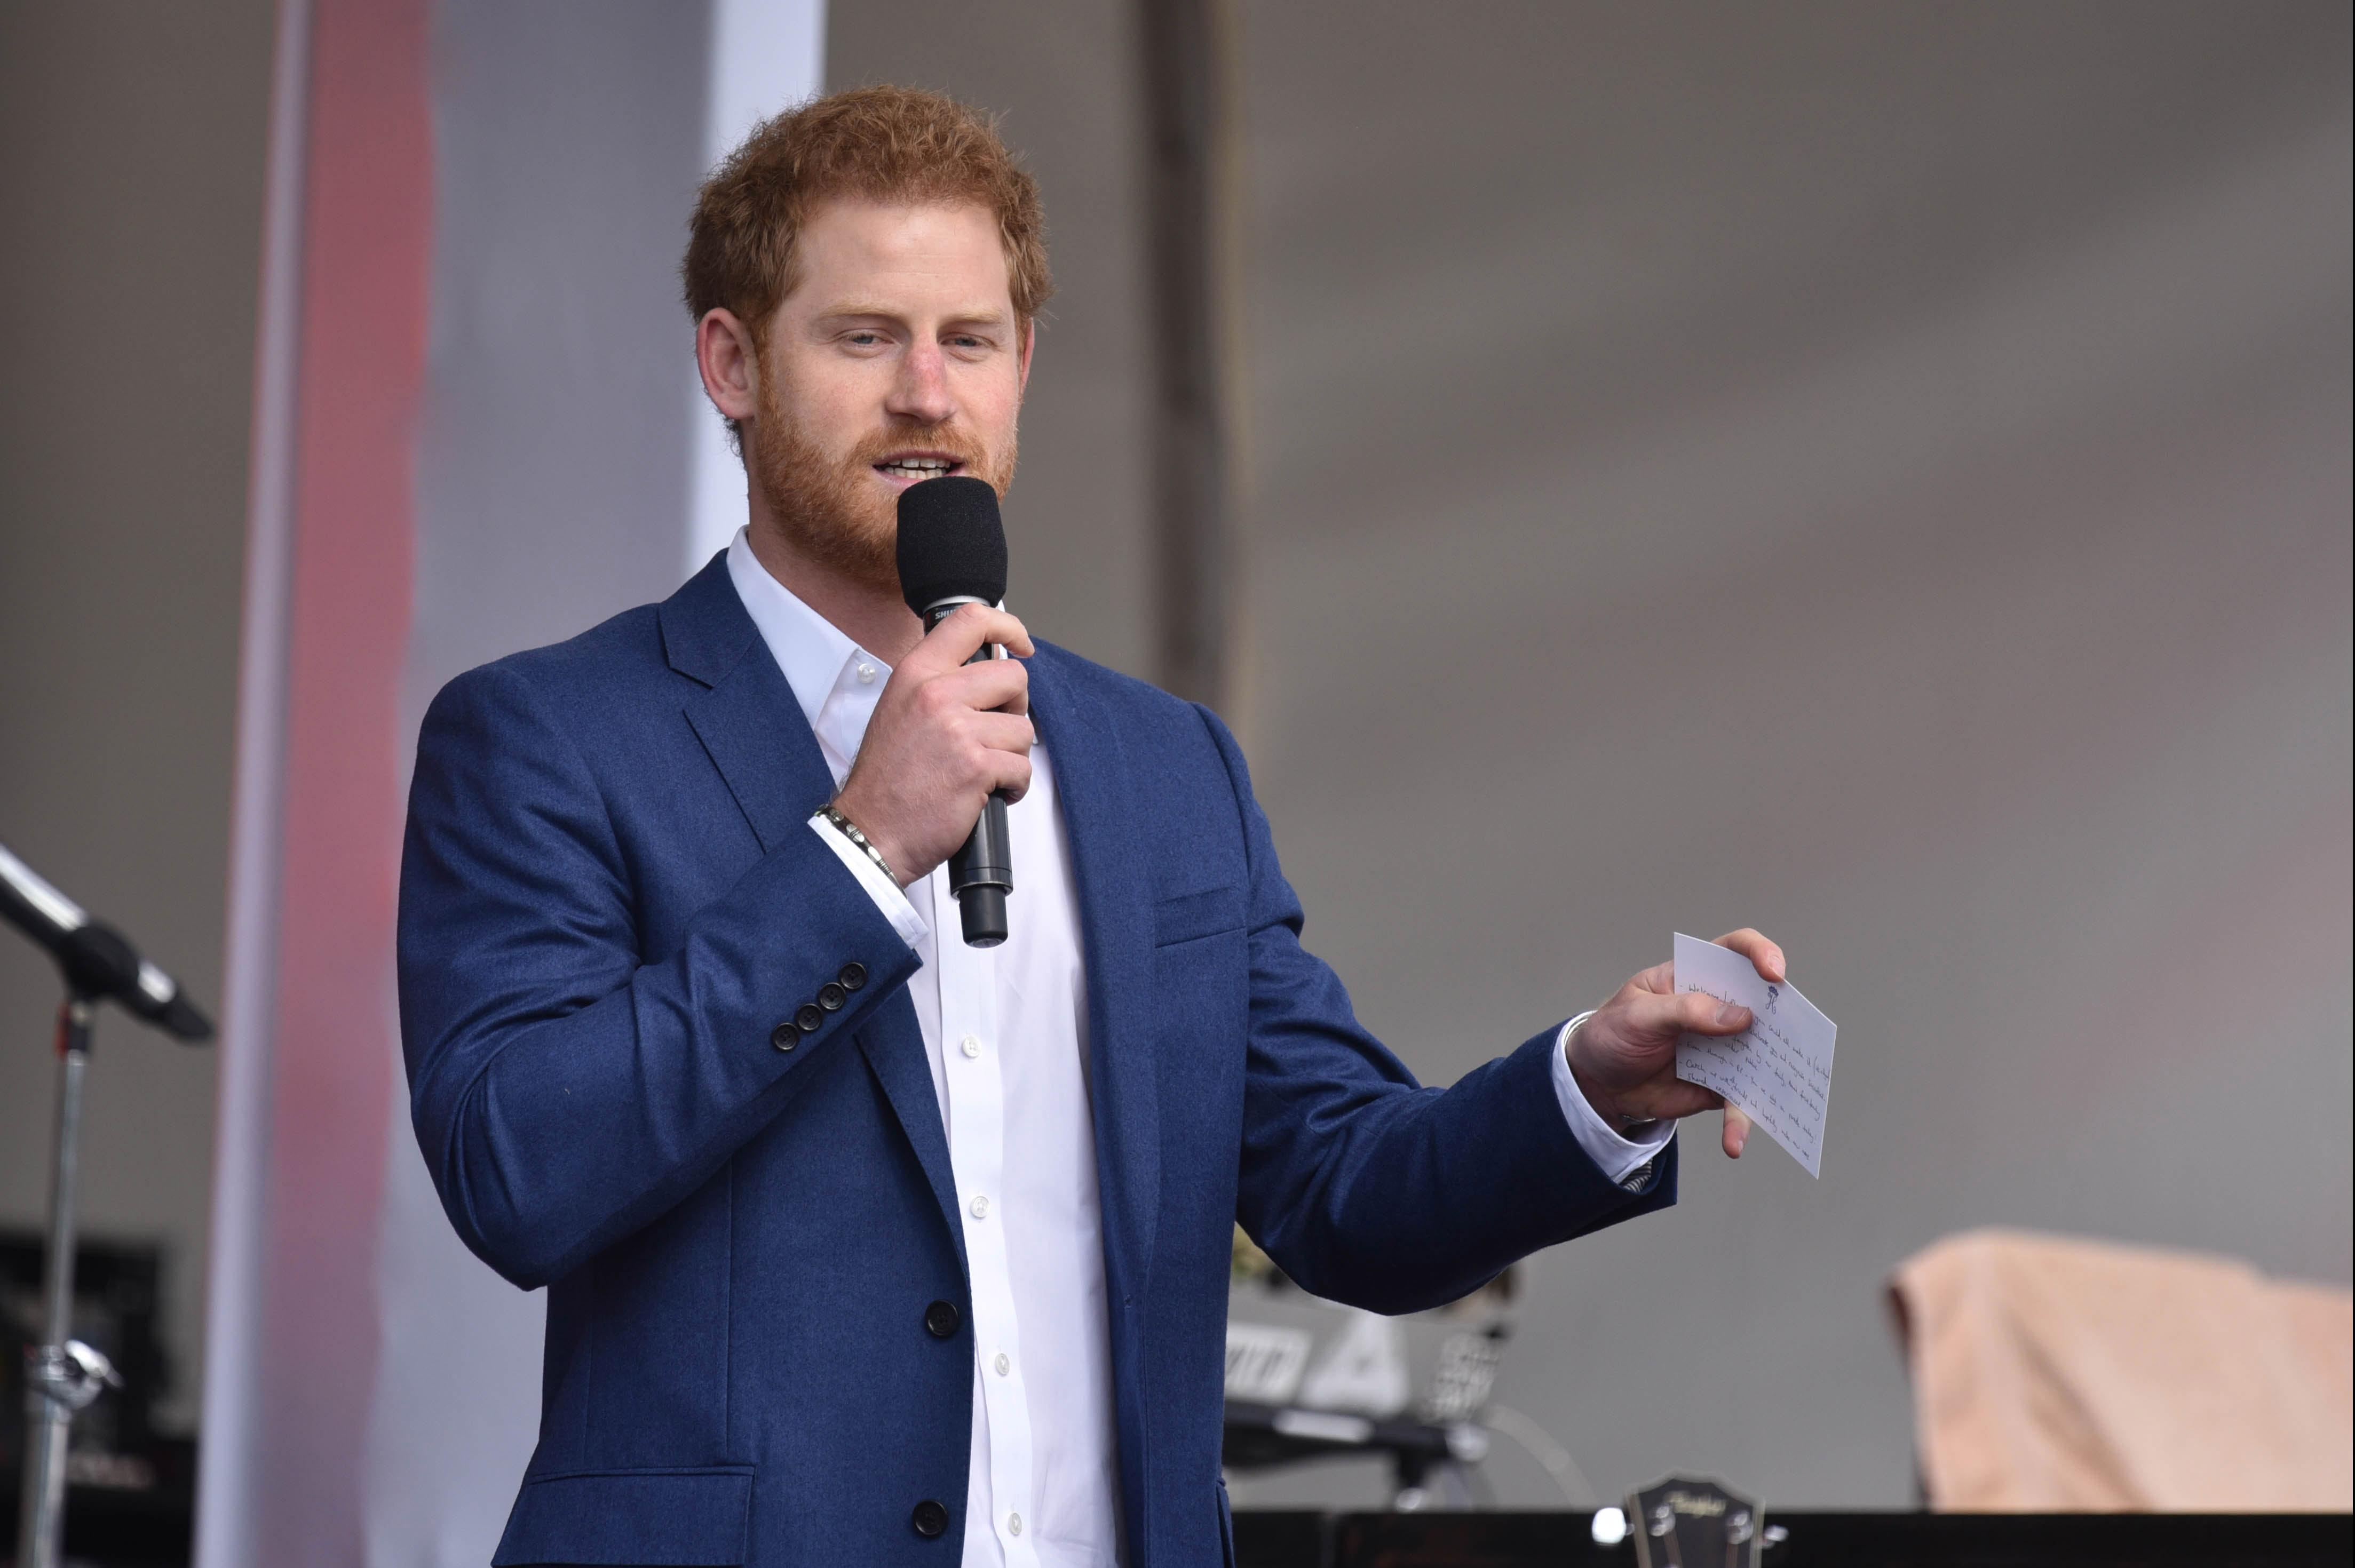 Matrimonio Principe Harry : Principe harry e meghan markle il protocollo per